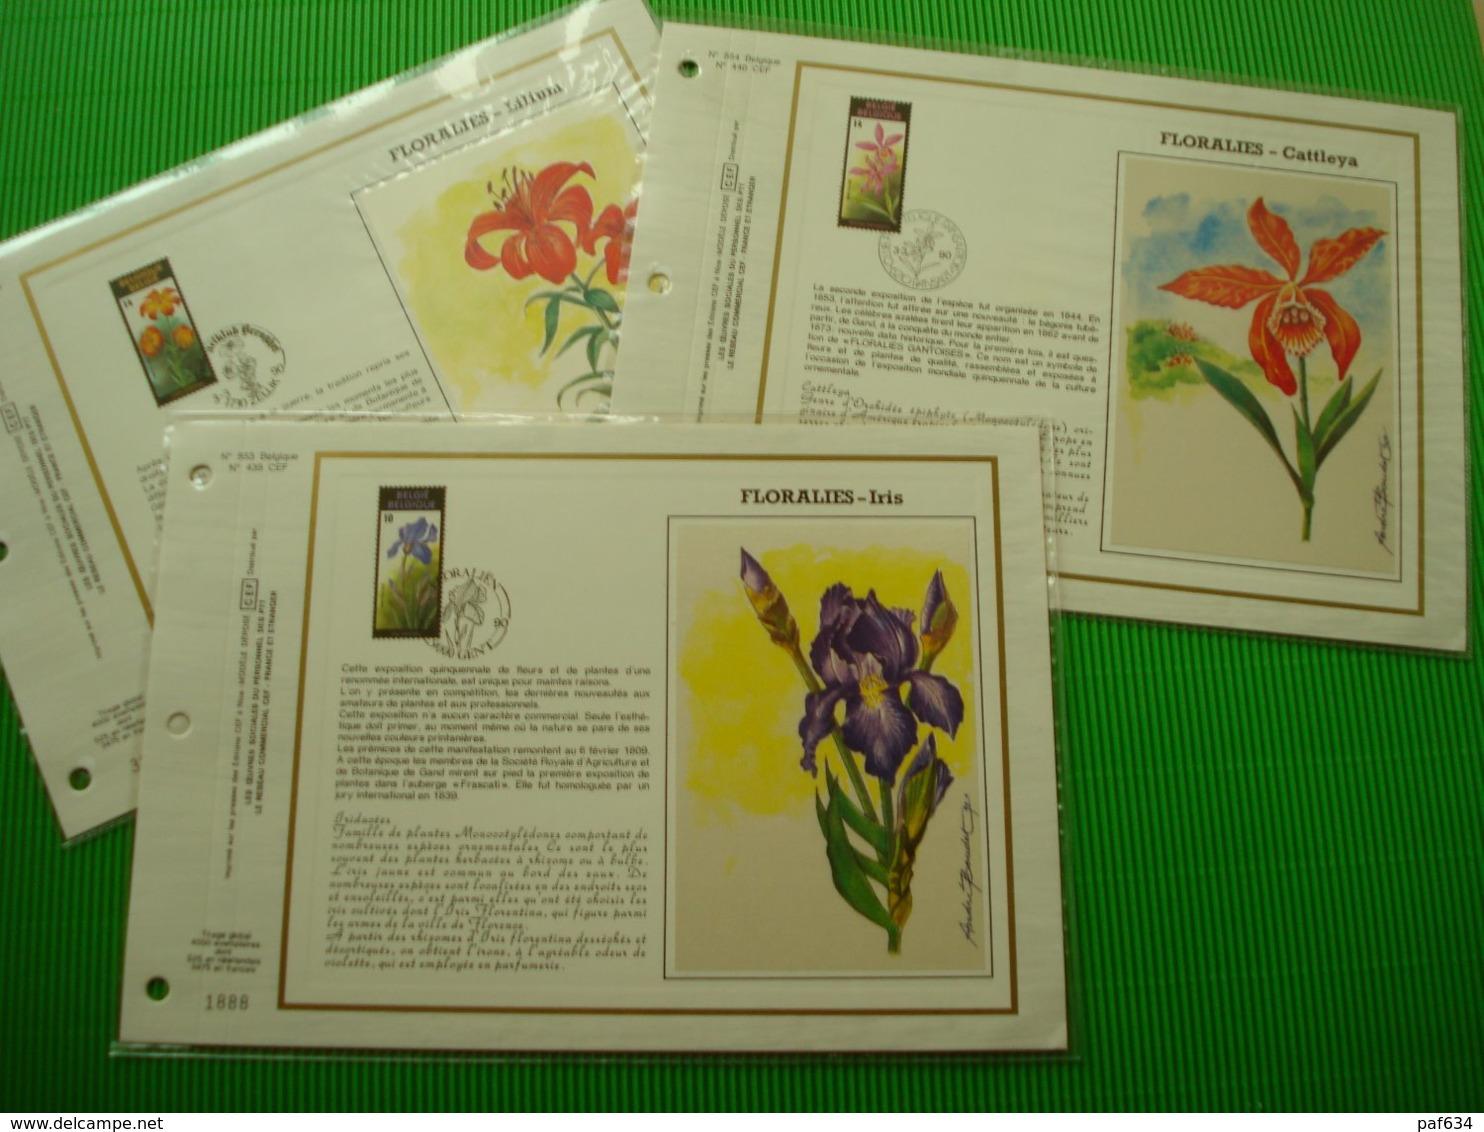 3 Kunstbladen Op Zijde*Floralies Gantoise* - Souvenir Cards